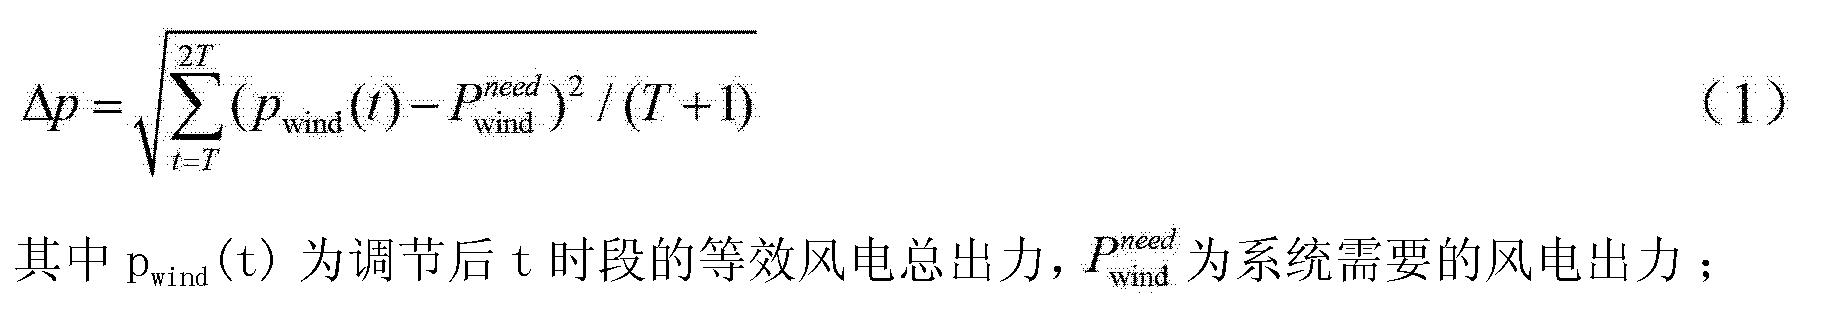 Figure CN102437645BC00034